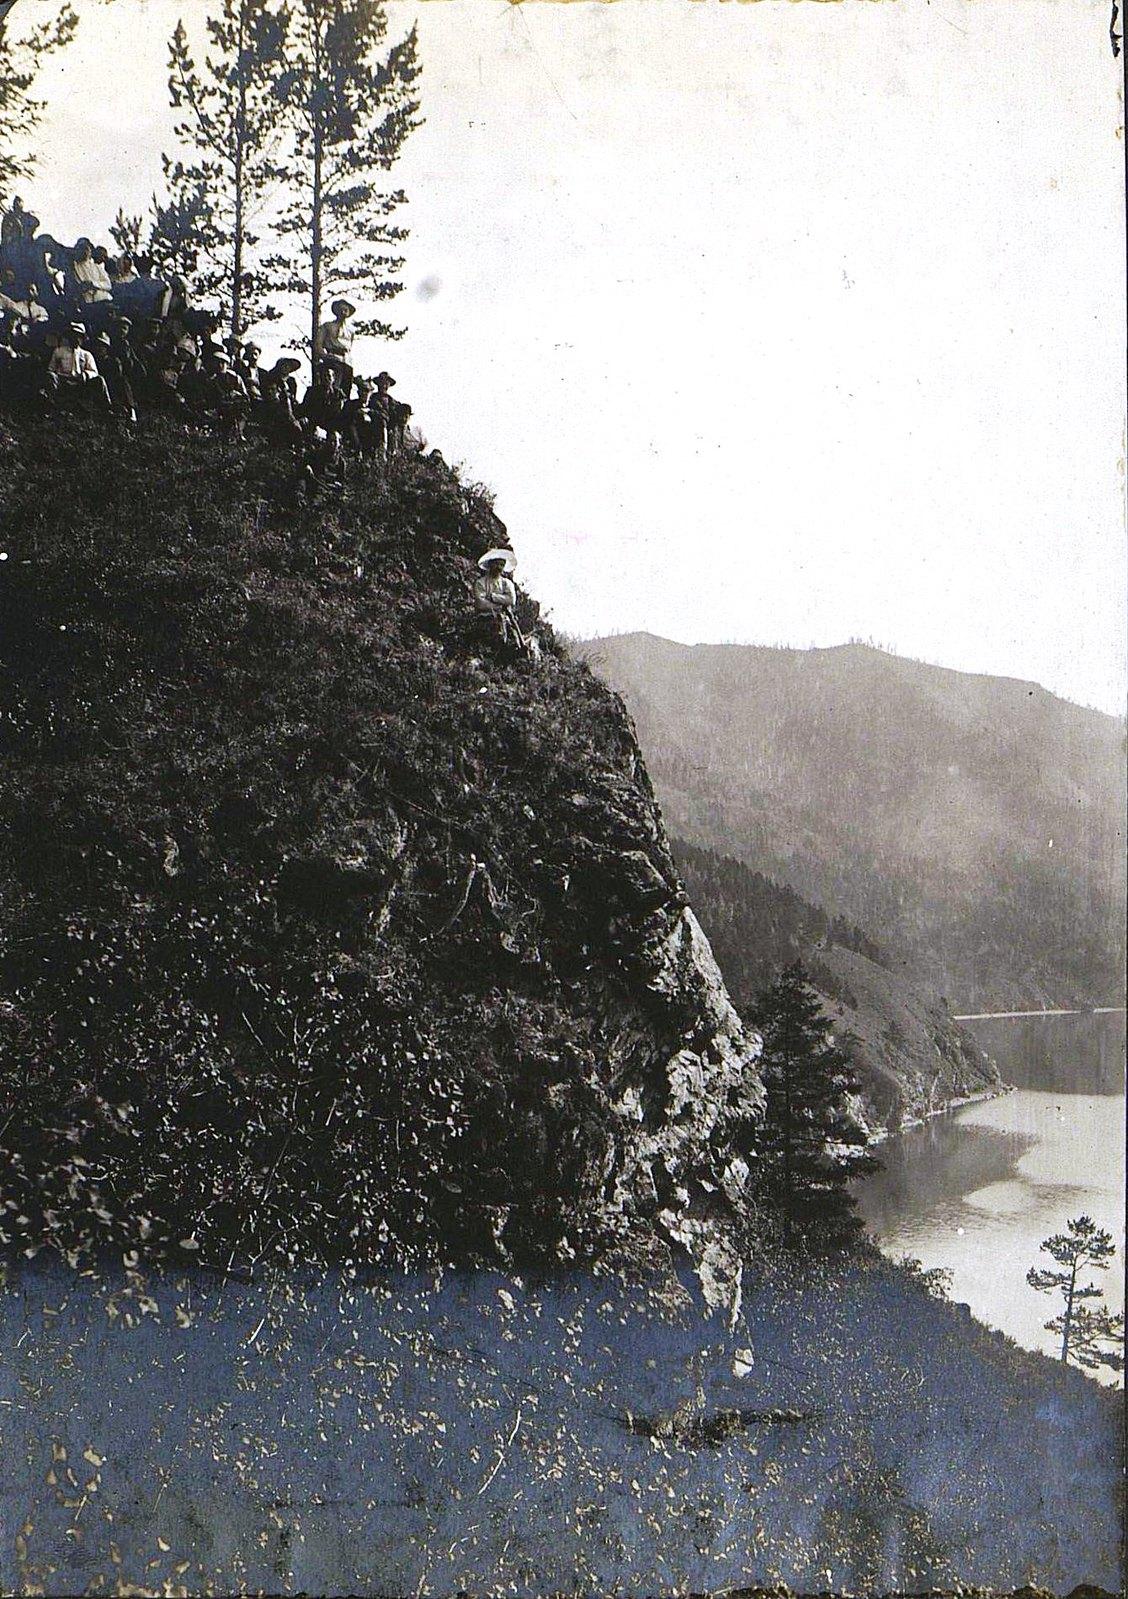 05. Лекция преподавателя Кутаса по географии в Байкальских горах